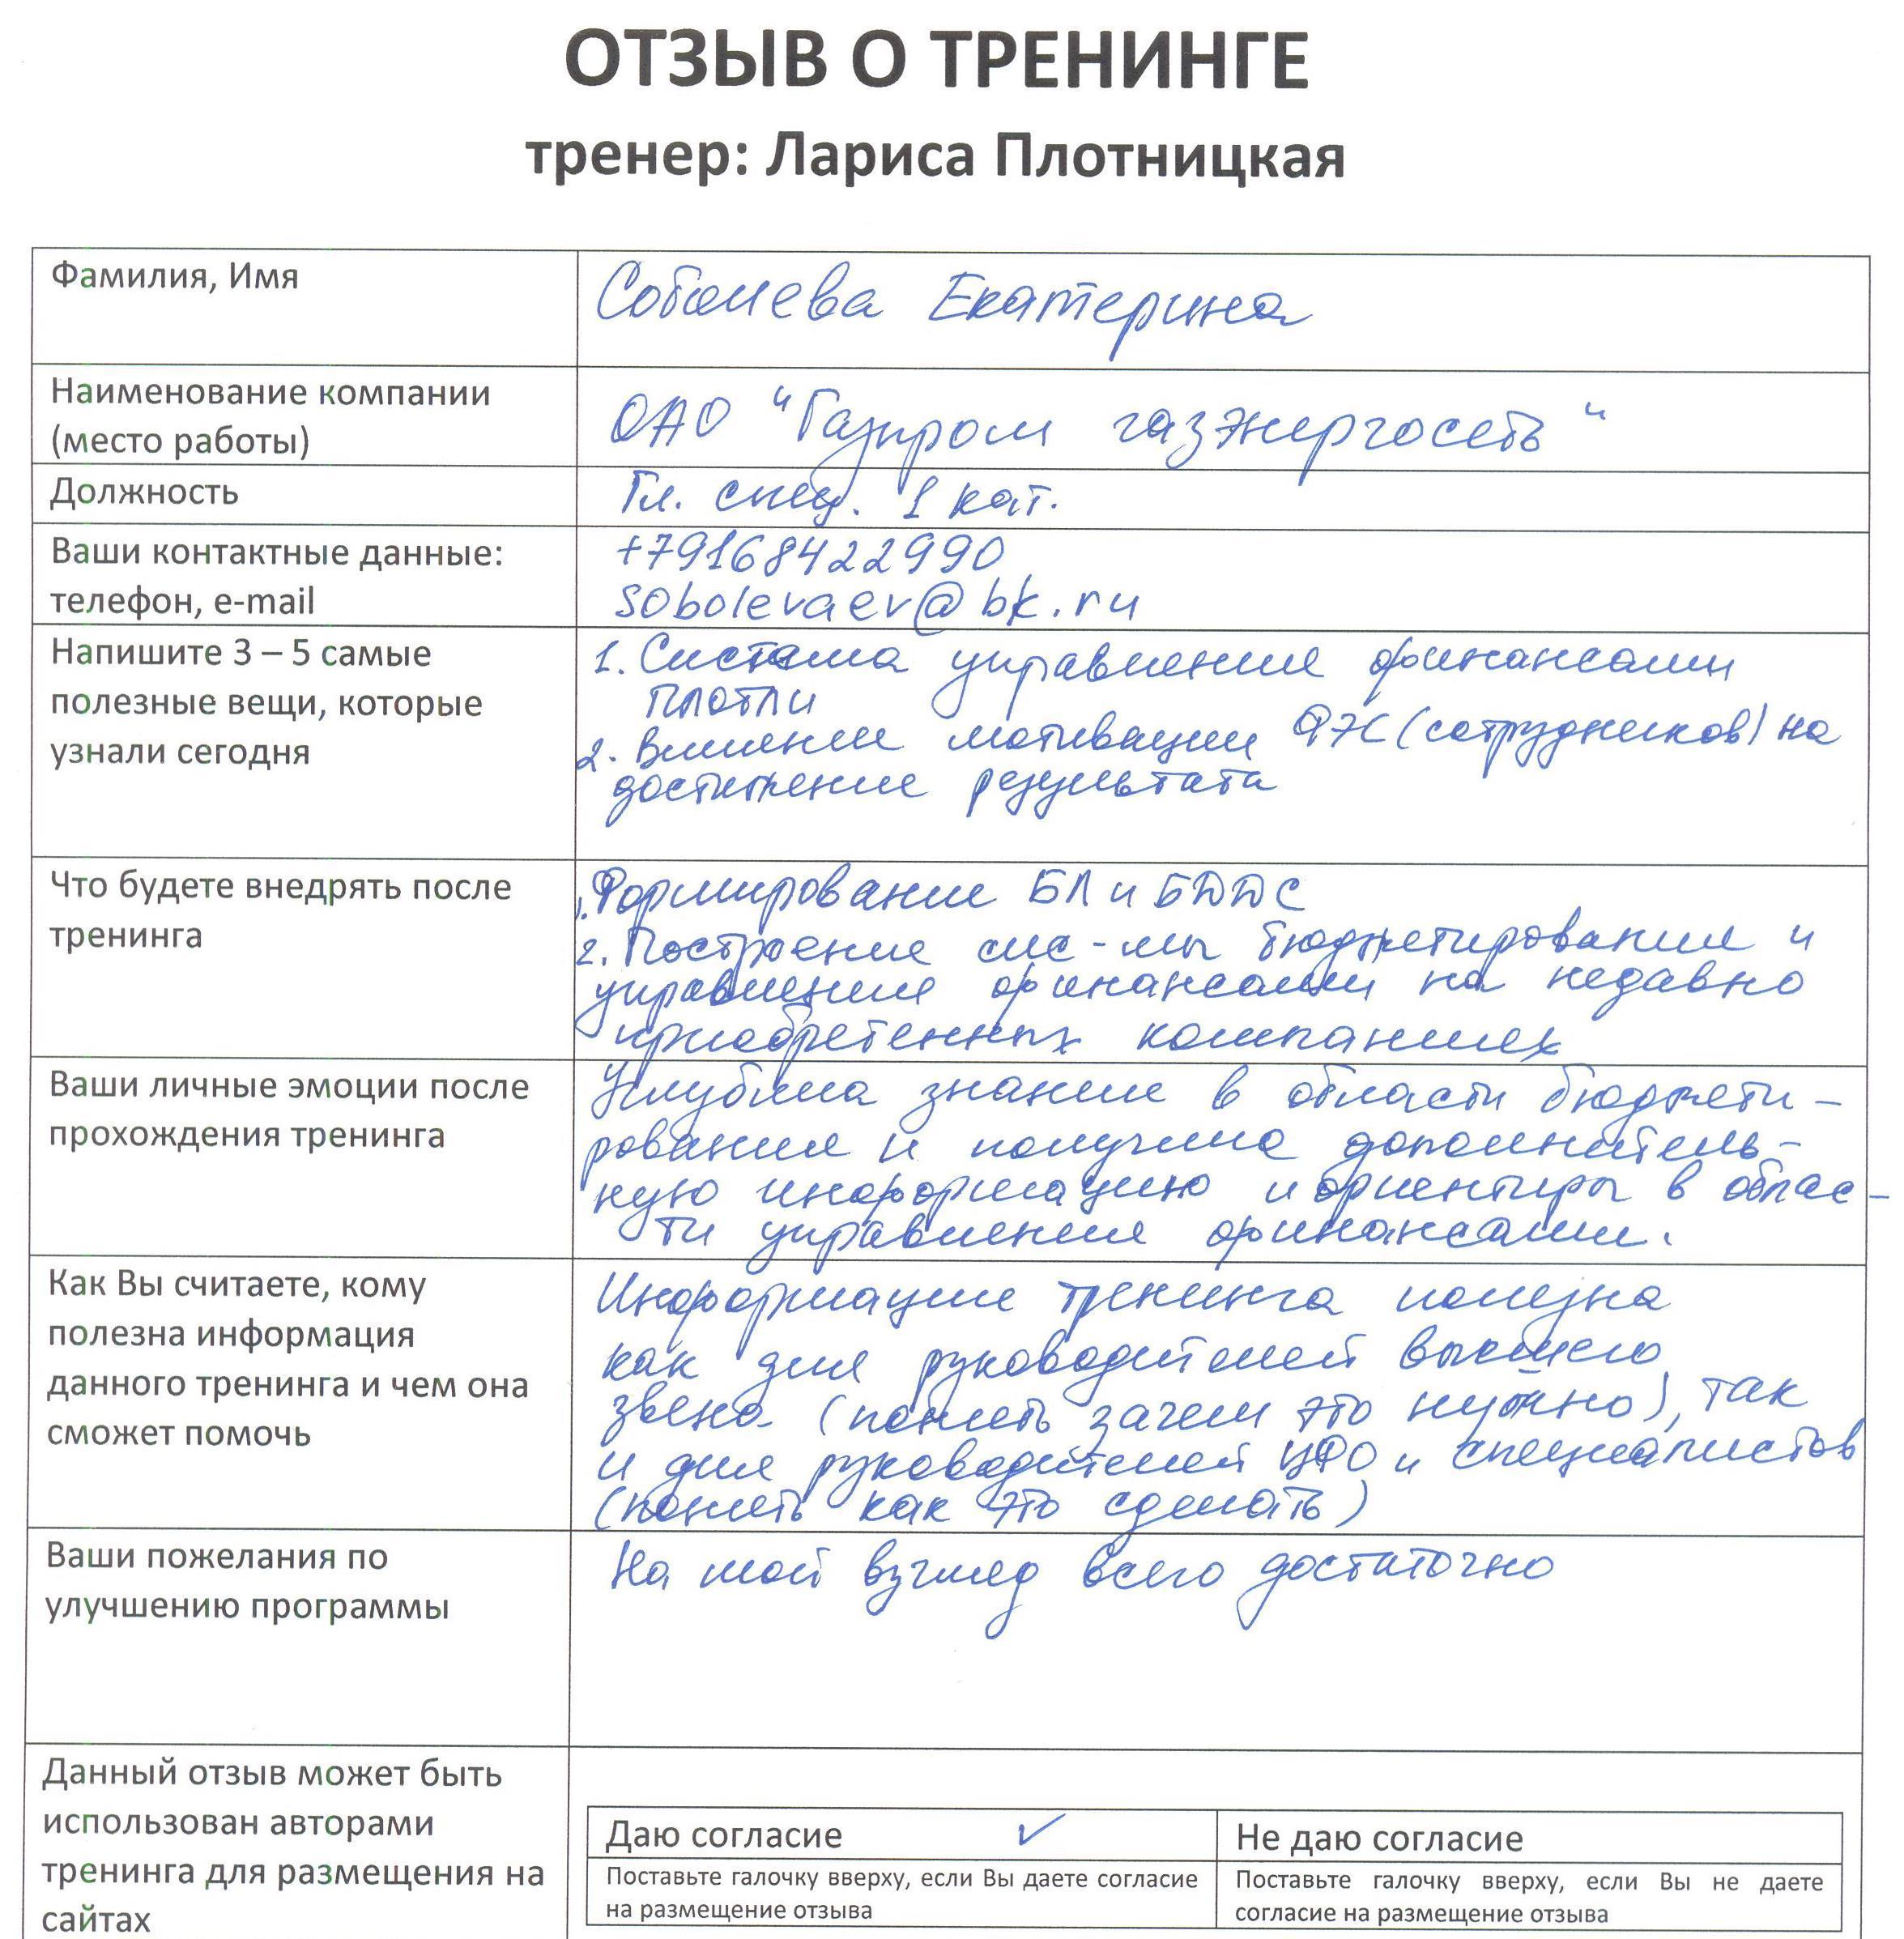 Соболева Екатерина